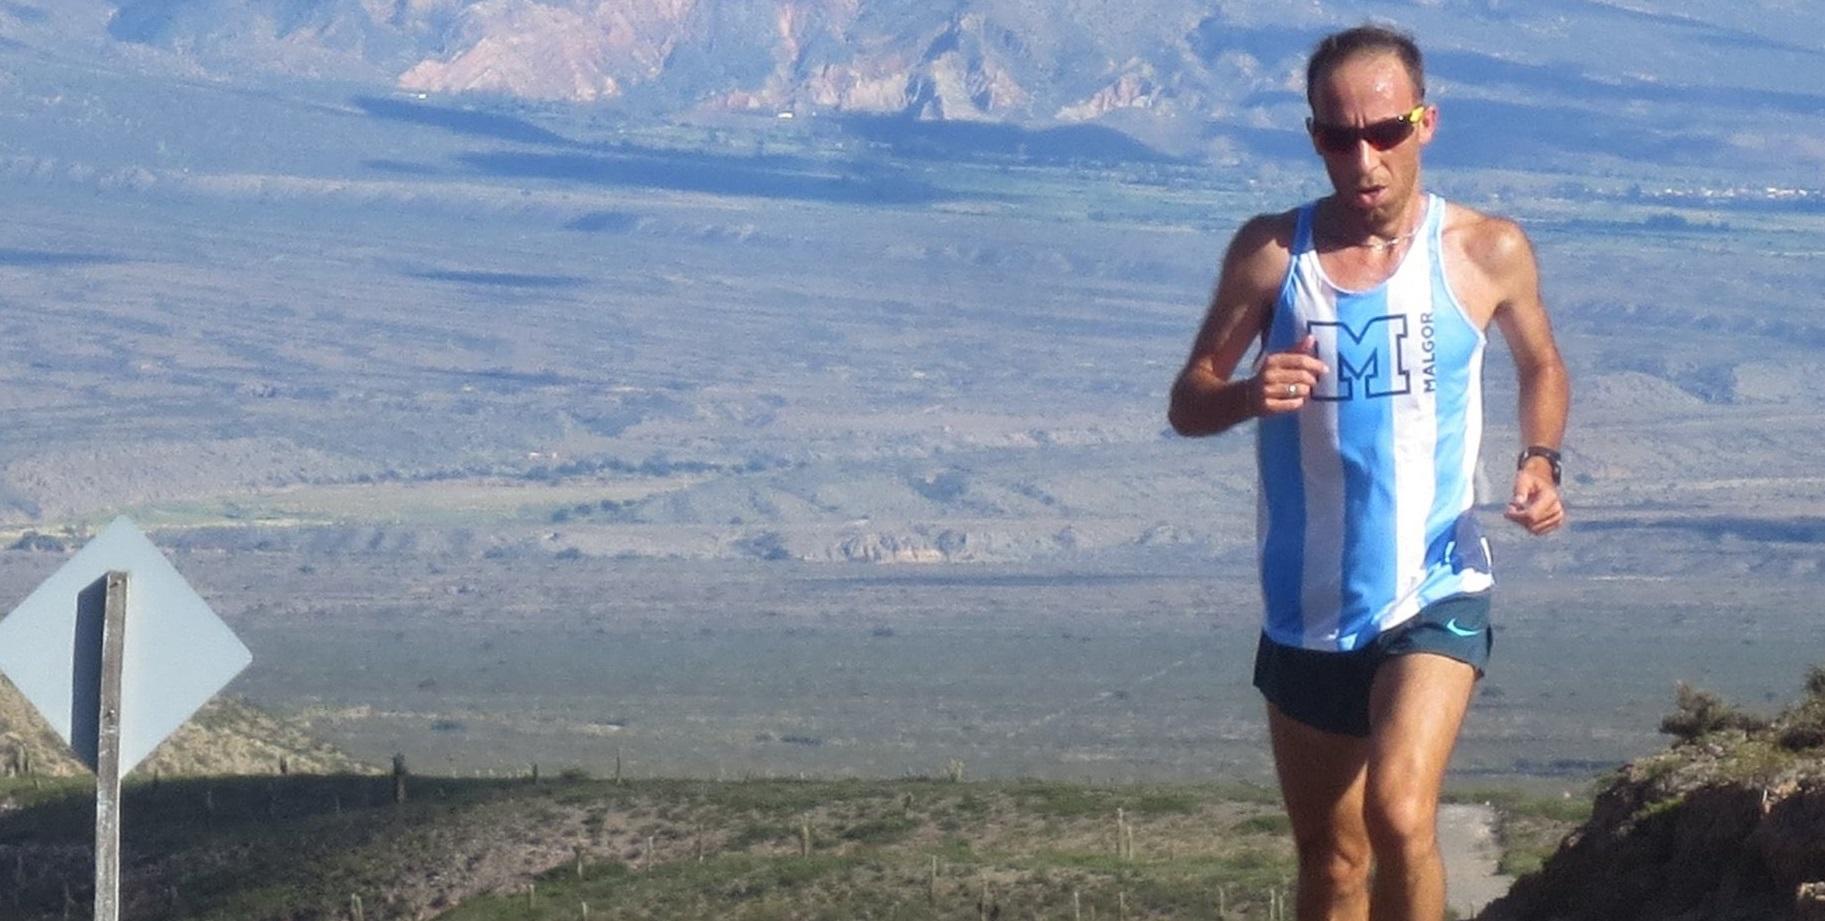 MAriano MAstromarino Rio 2016 Entrevista Locos por correr 05